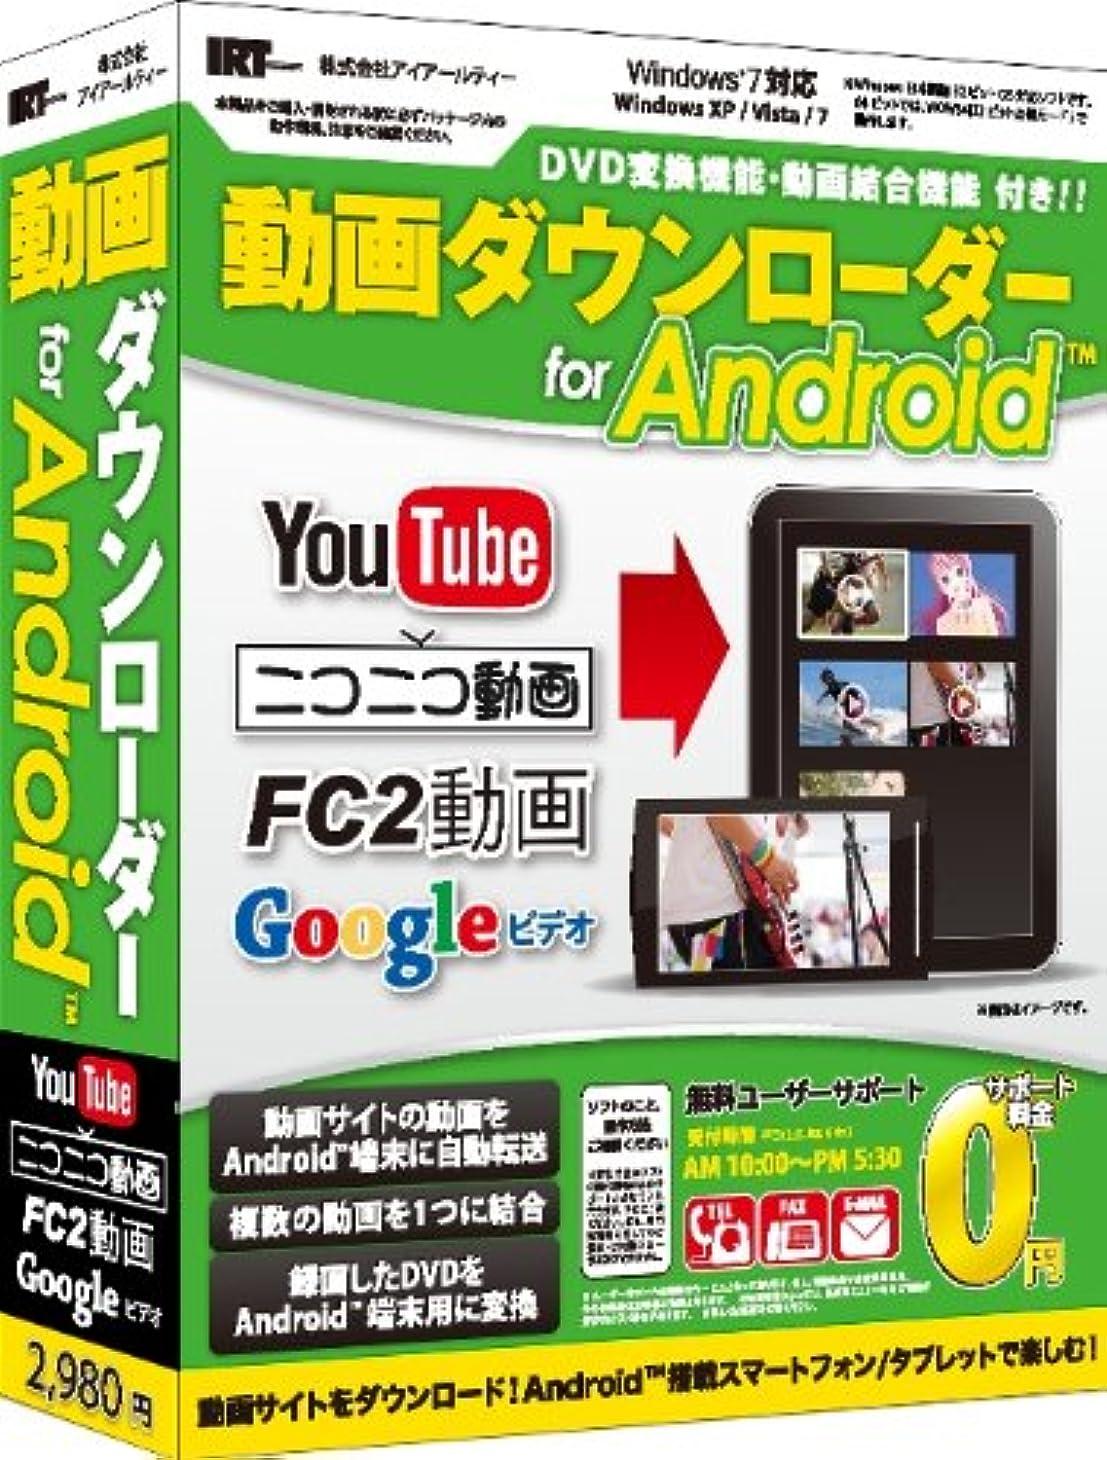 わかるスリム戻る動画ダウンローダー for Android